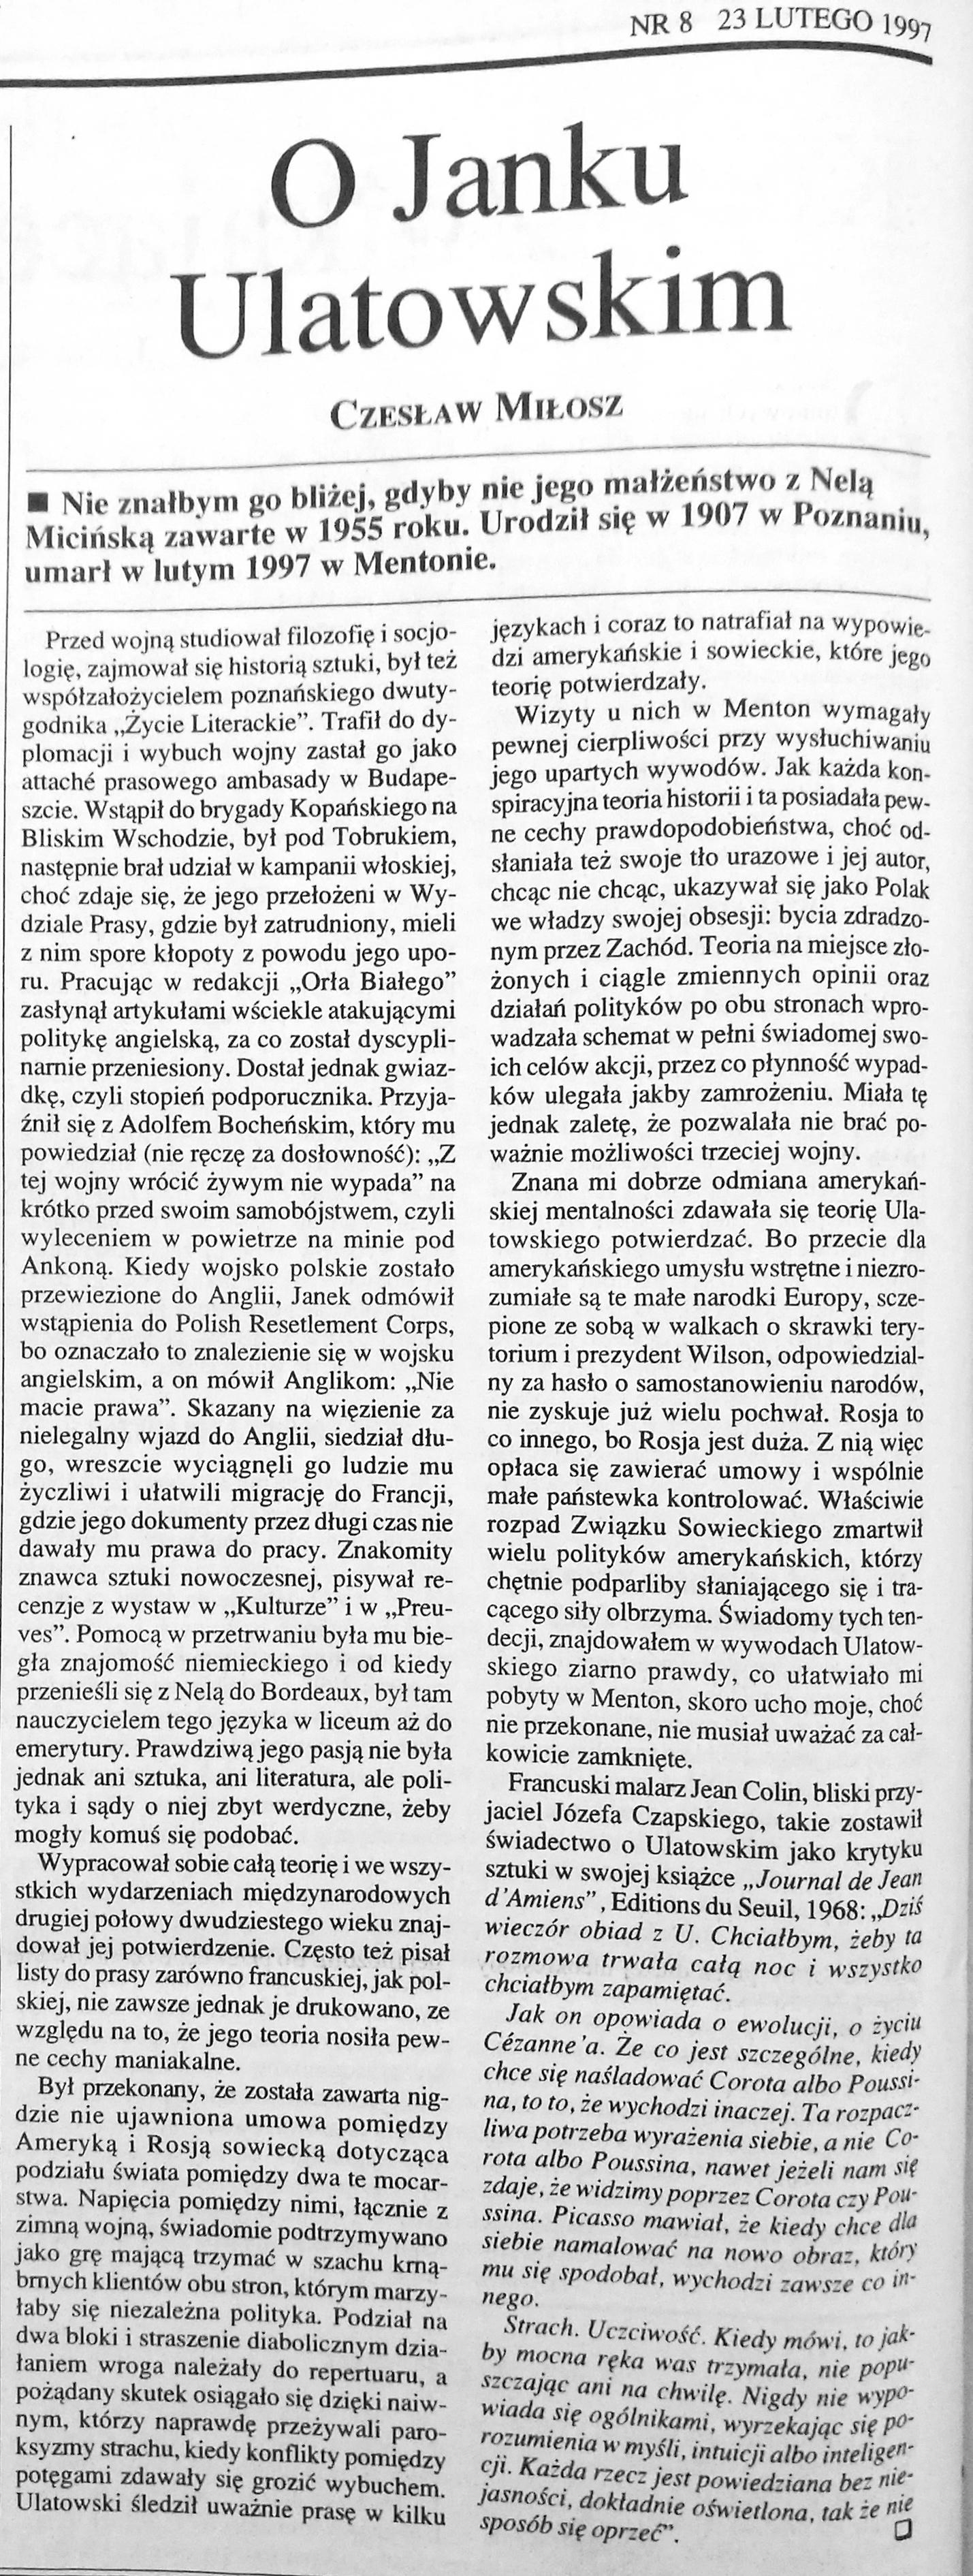 <div class='inner-box'><div class='close-desc'></div><span class='opis'>Wspomnienie Czesława Miłosza o Janie Ulatowskim. &quot;Tygodnik Powszechny&quot;, nr 8 z 23 lutego, 1997 r. We wstępie jest pomyłka - Ulatowski umarł nie w lutym, a 13 stycznia 1997 r.</span><div class='clearfix'></div><span>Sygn. sm00286</span><div class='clearfix'></div><span>&copy; Instytut Literacki</span></div>